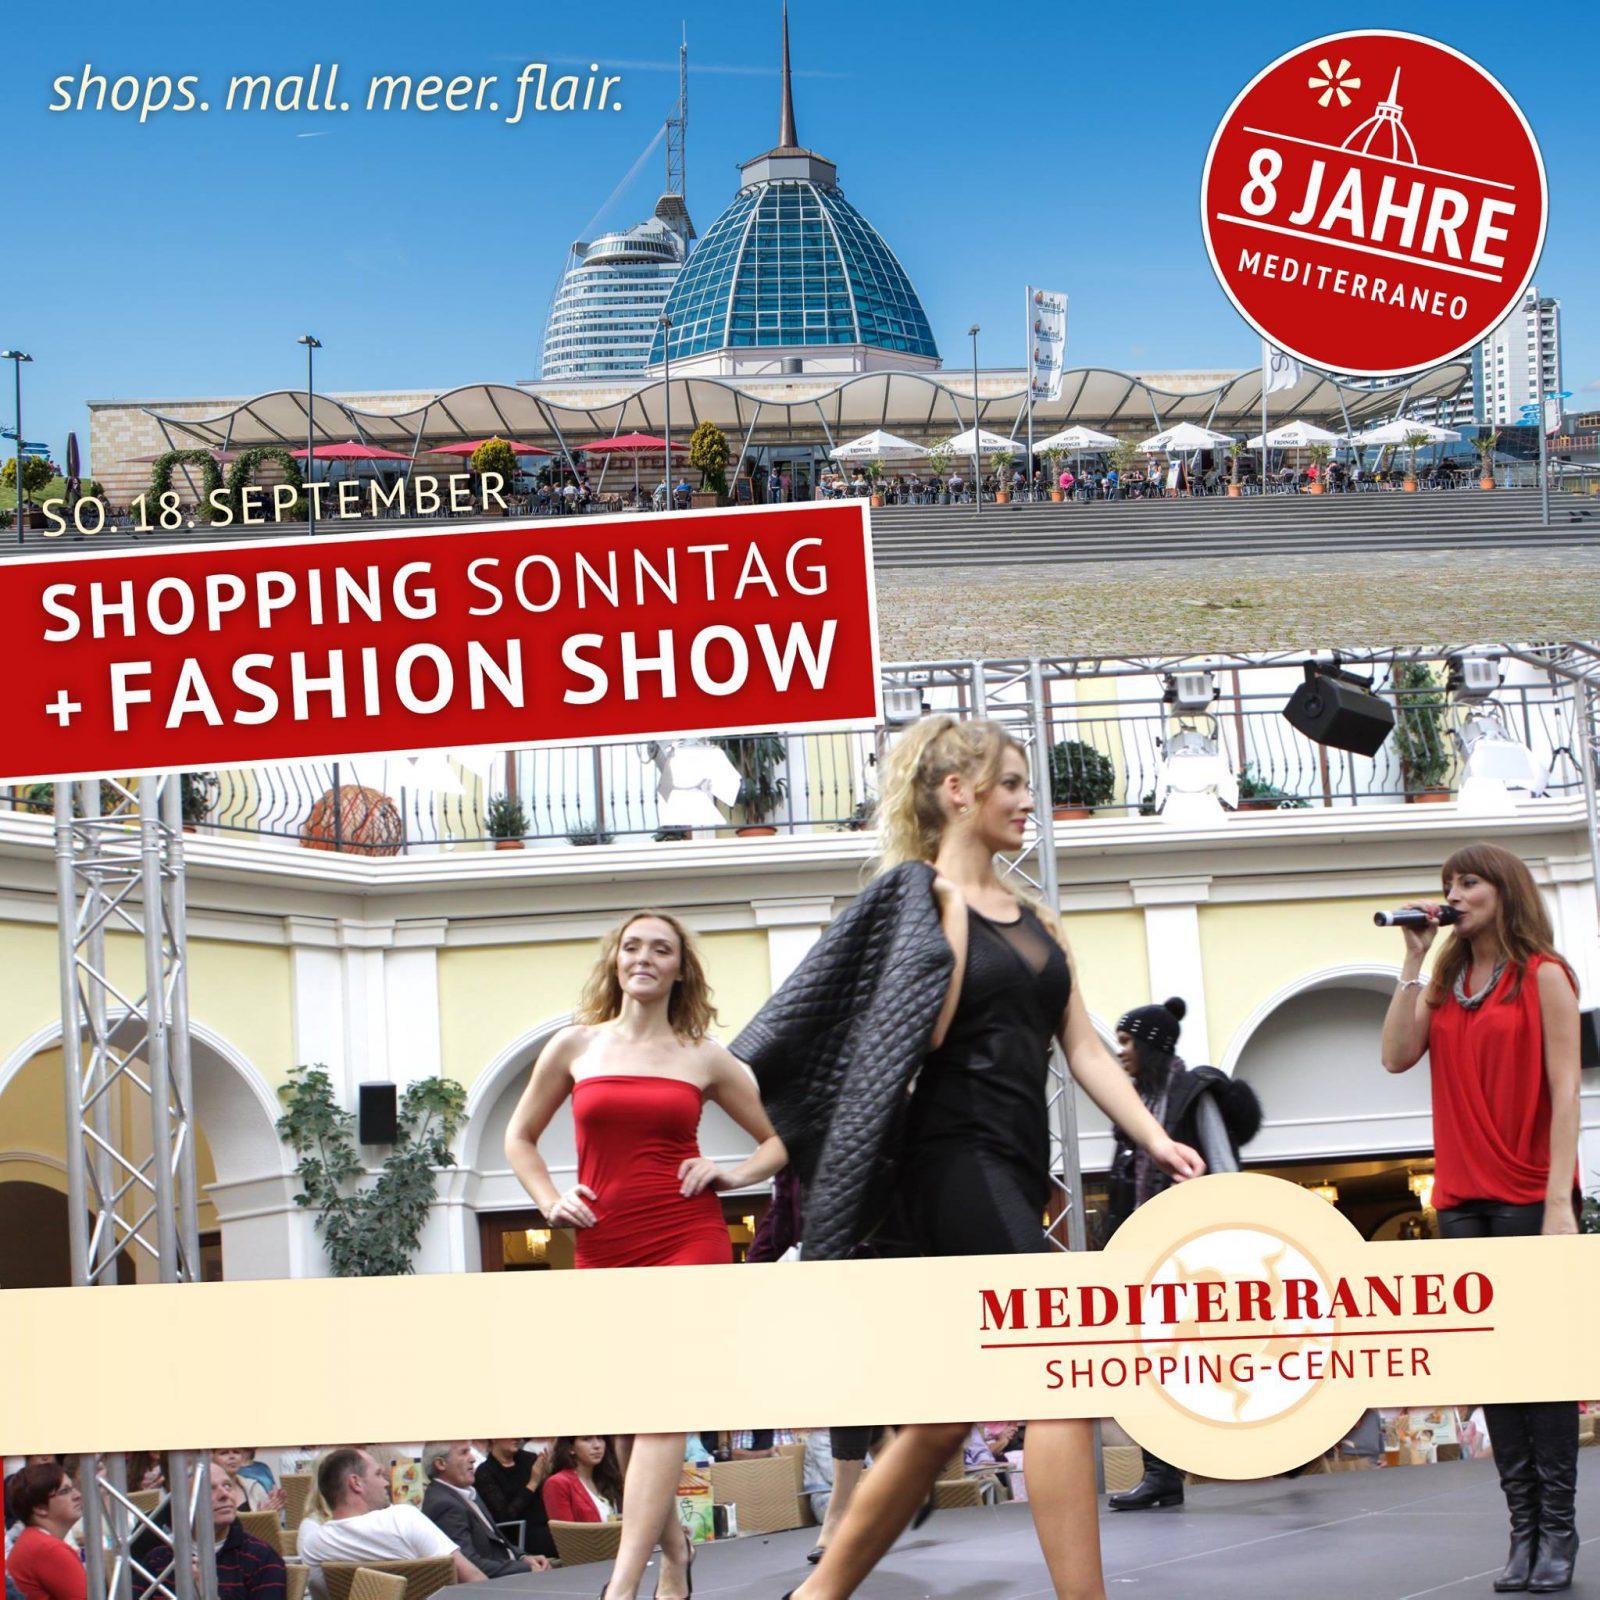 fashionshow_8_jahre_das_mediterraneo_brmerhaven